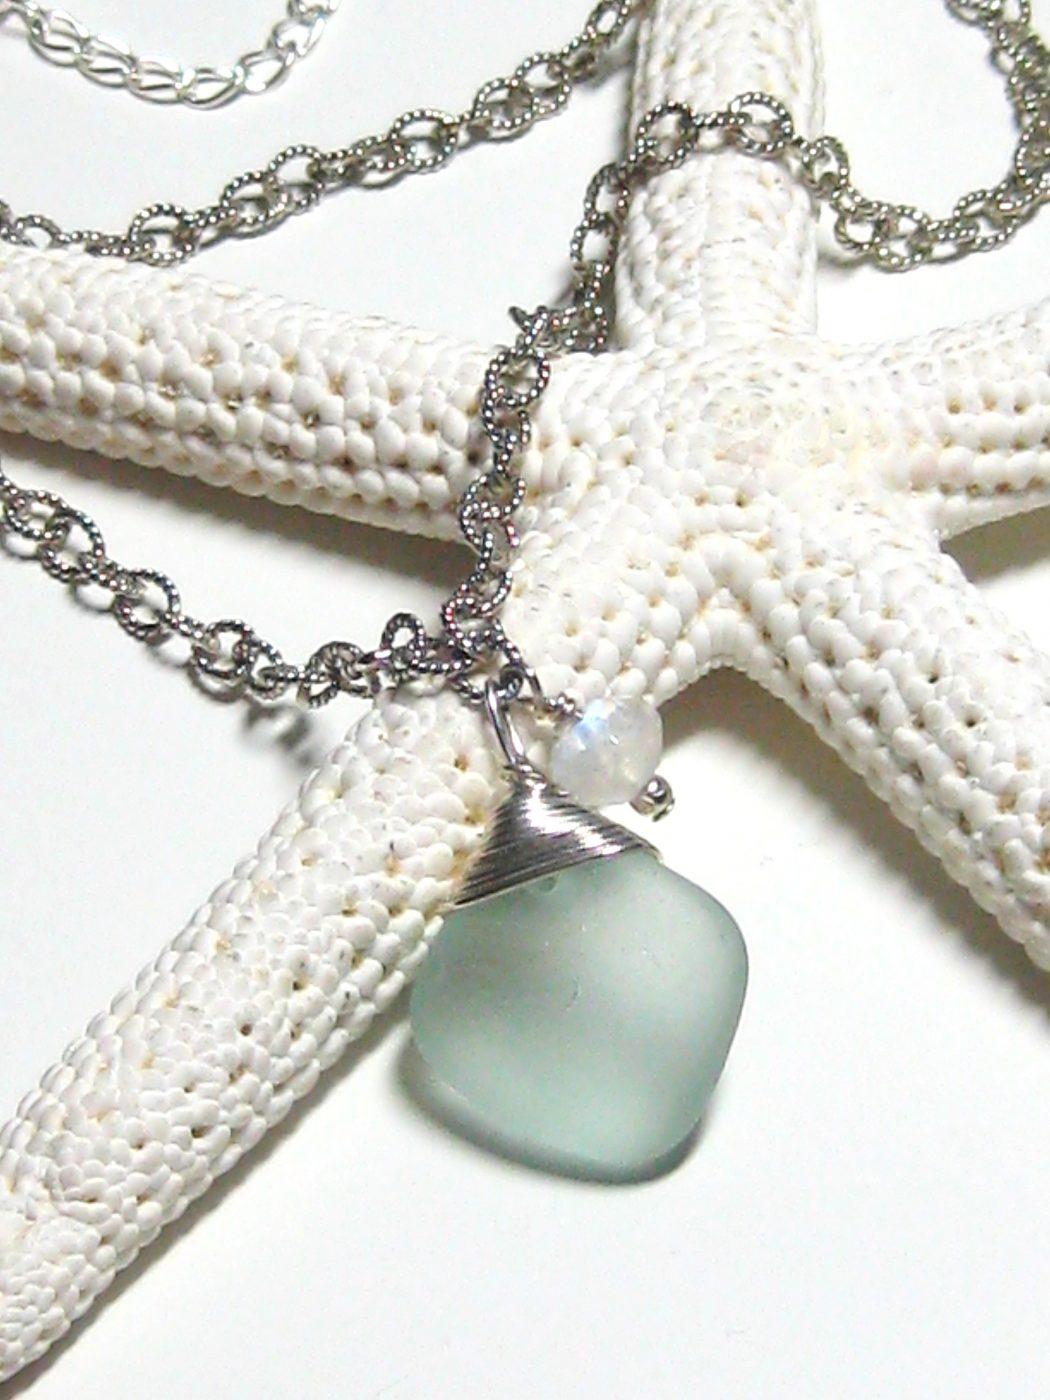 lita-sea-glass-jewelry-catalog-2010-101 The Best Jewelry Pieces That Women Like